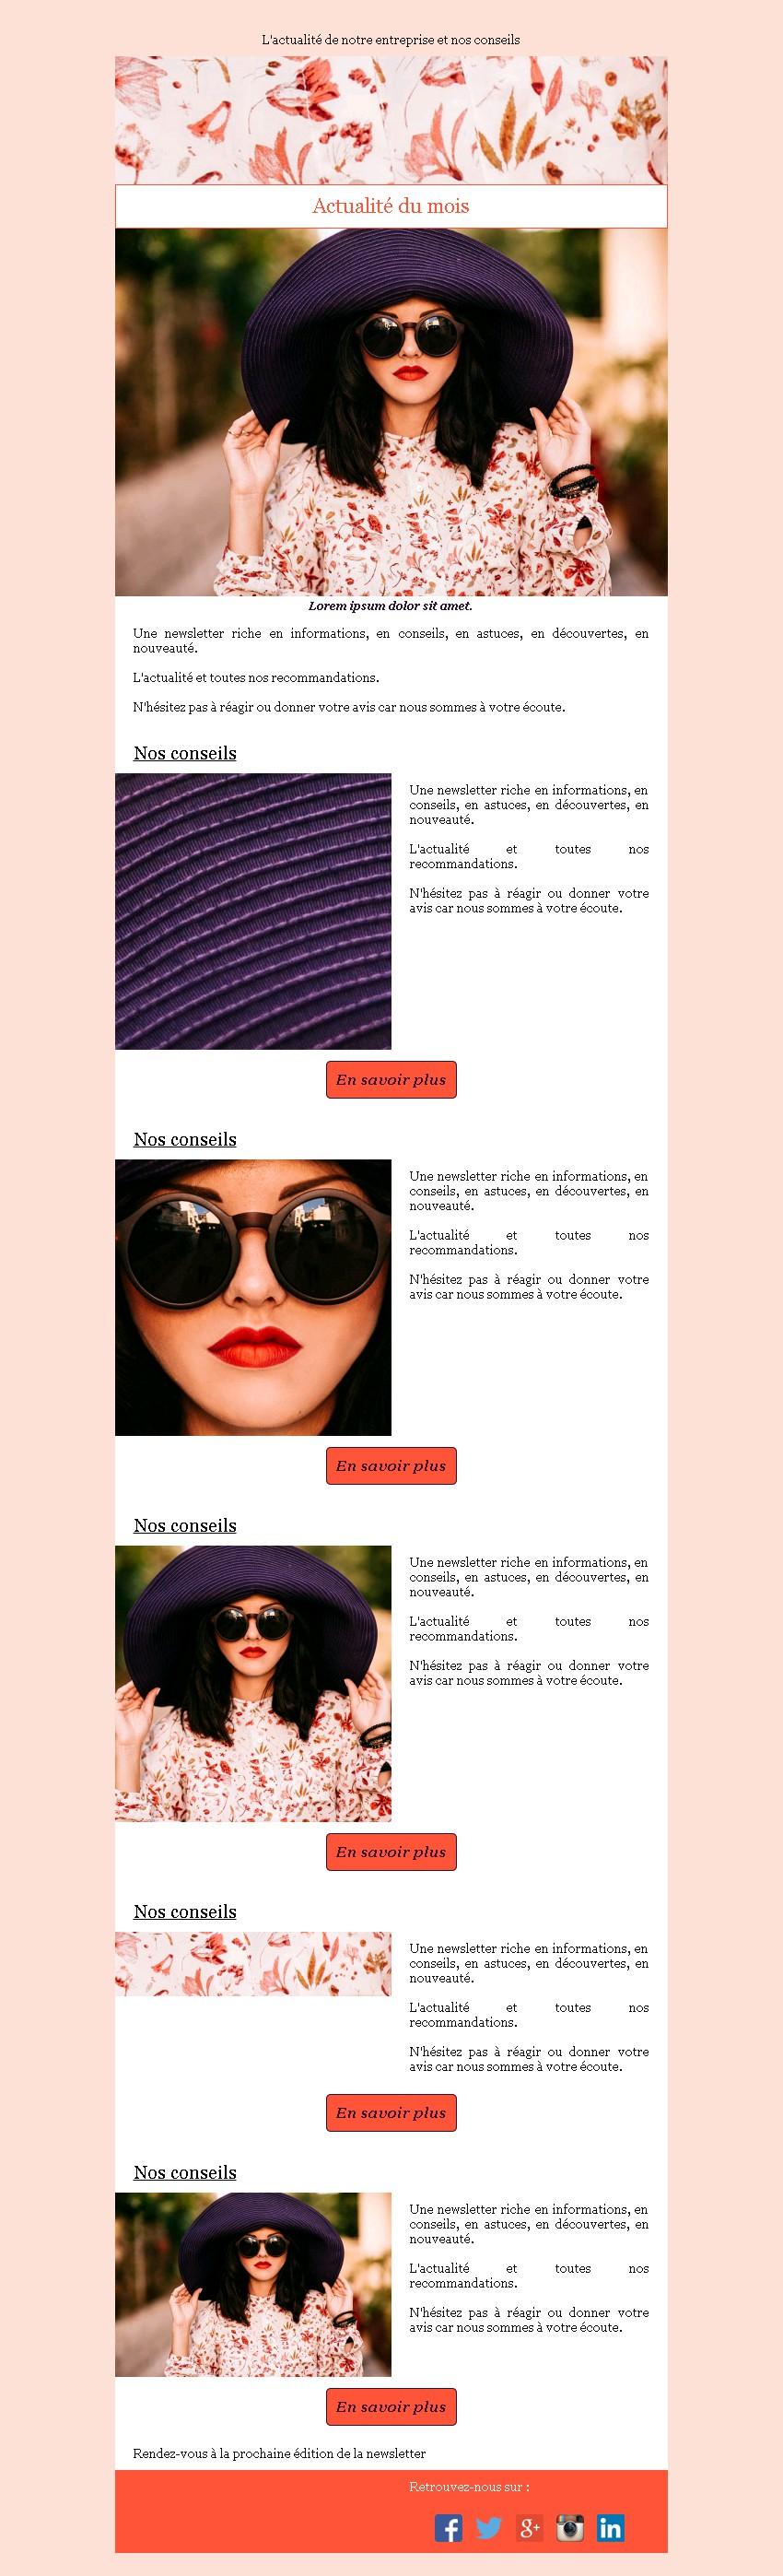 Newsletter texte et image avec édito et bouton